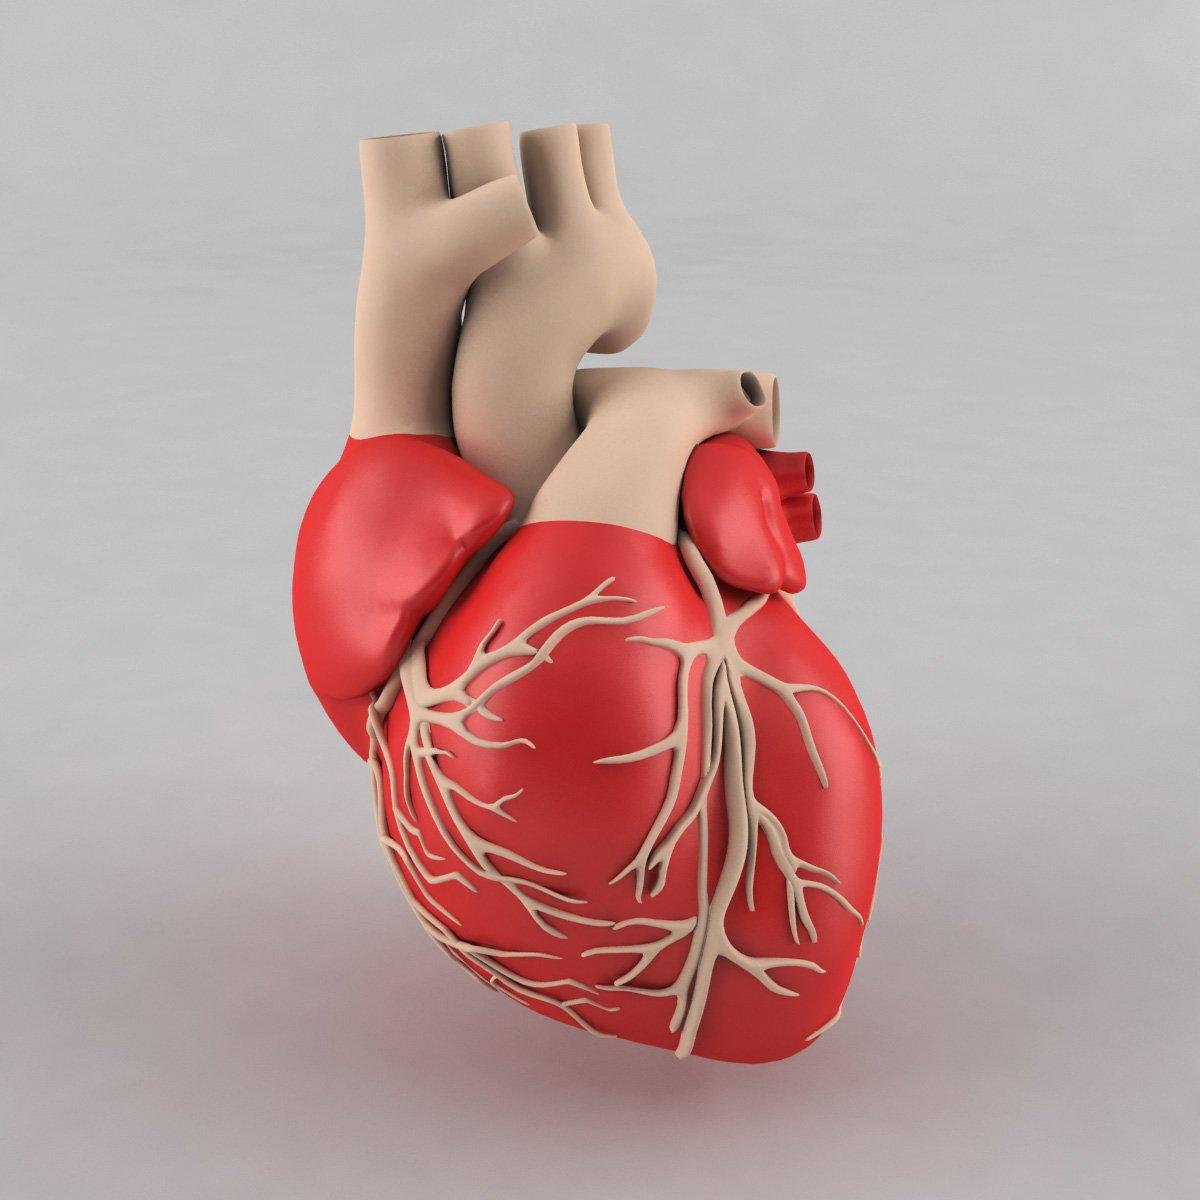 srce, kardiocentar